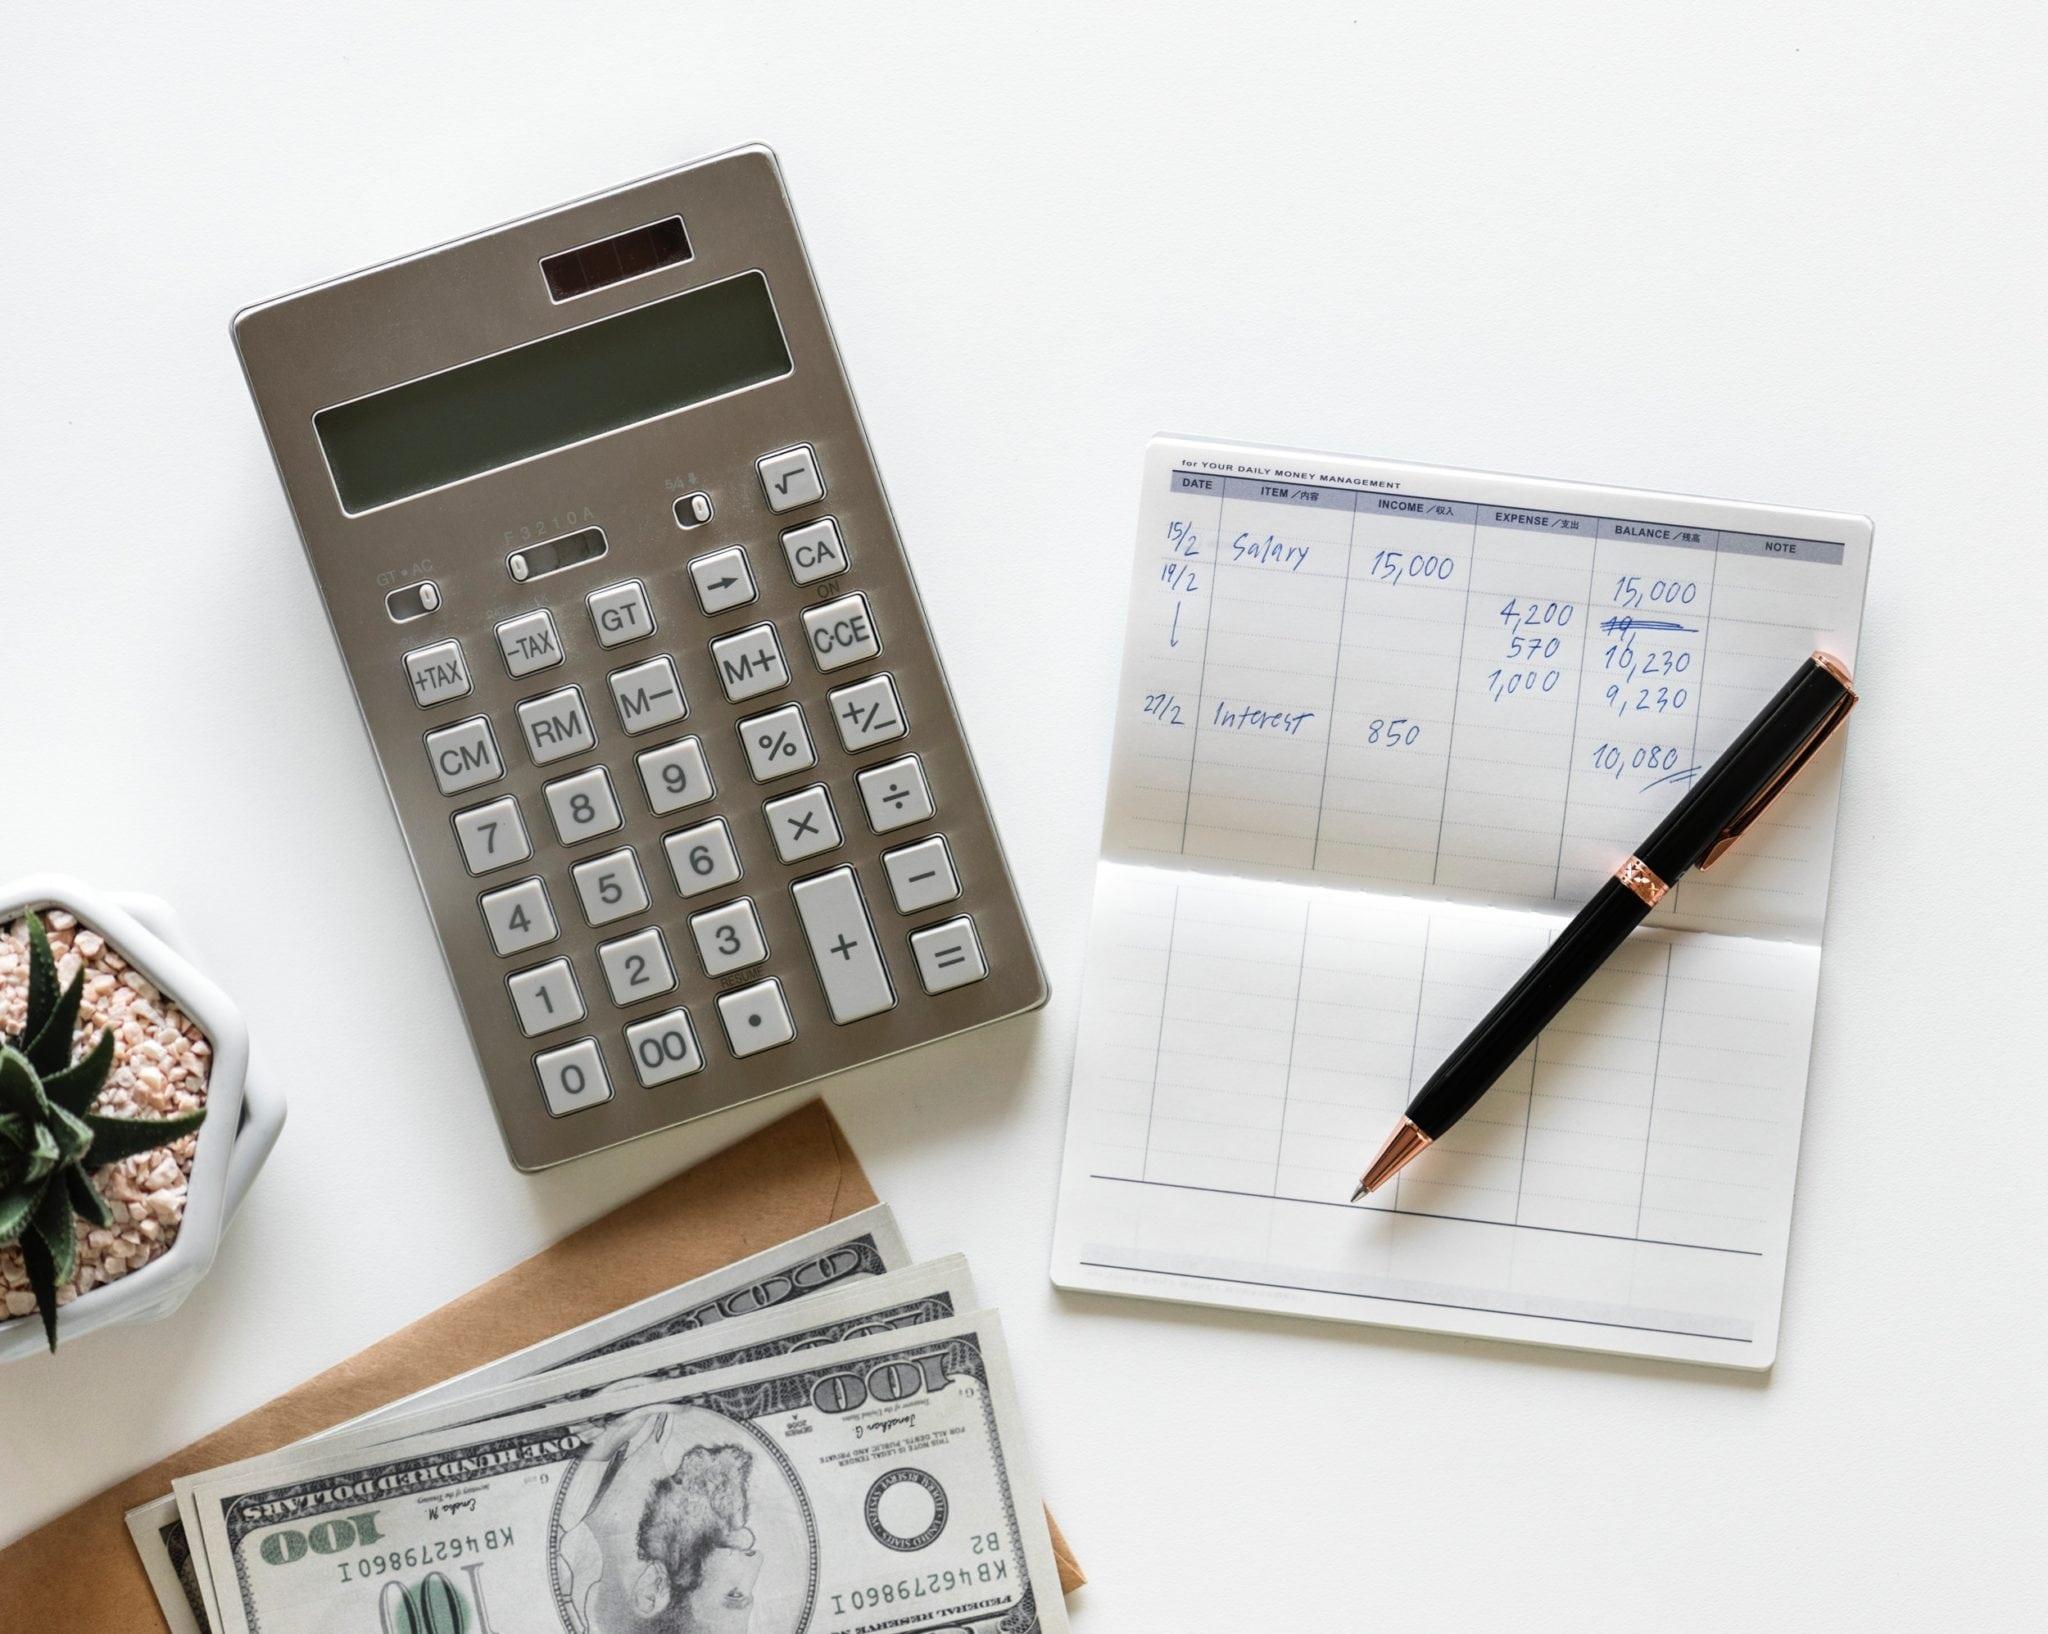 วิธีเก็บเงินให้ได้เร็ว วิธีเก็บเงิน การออมเงิน วิธีออมเงิน